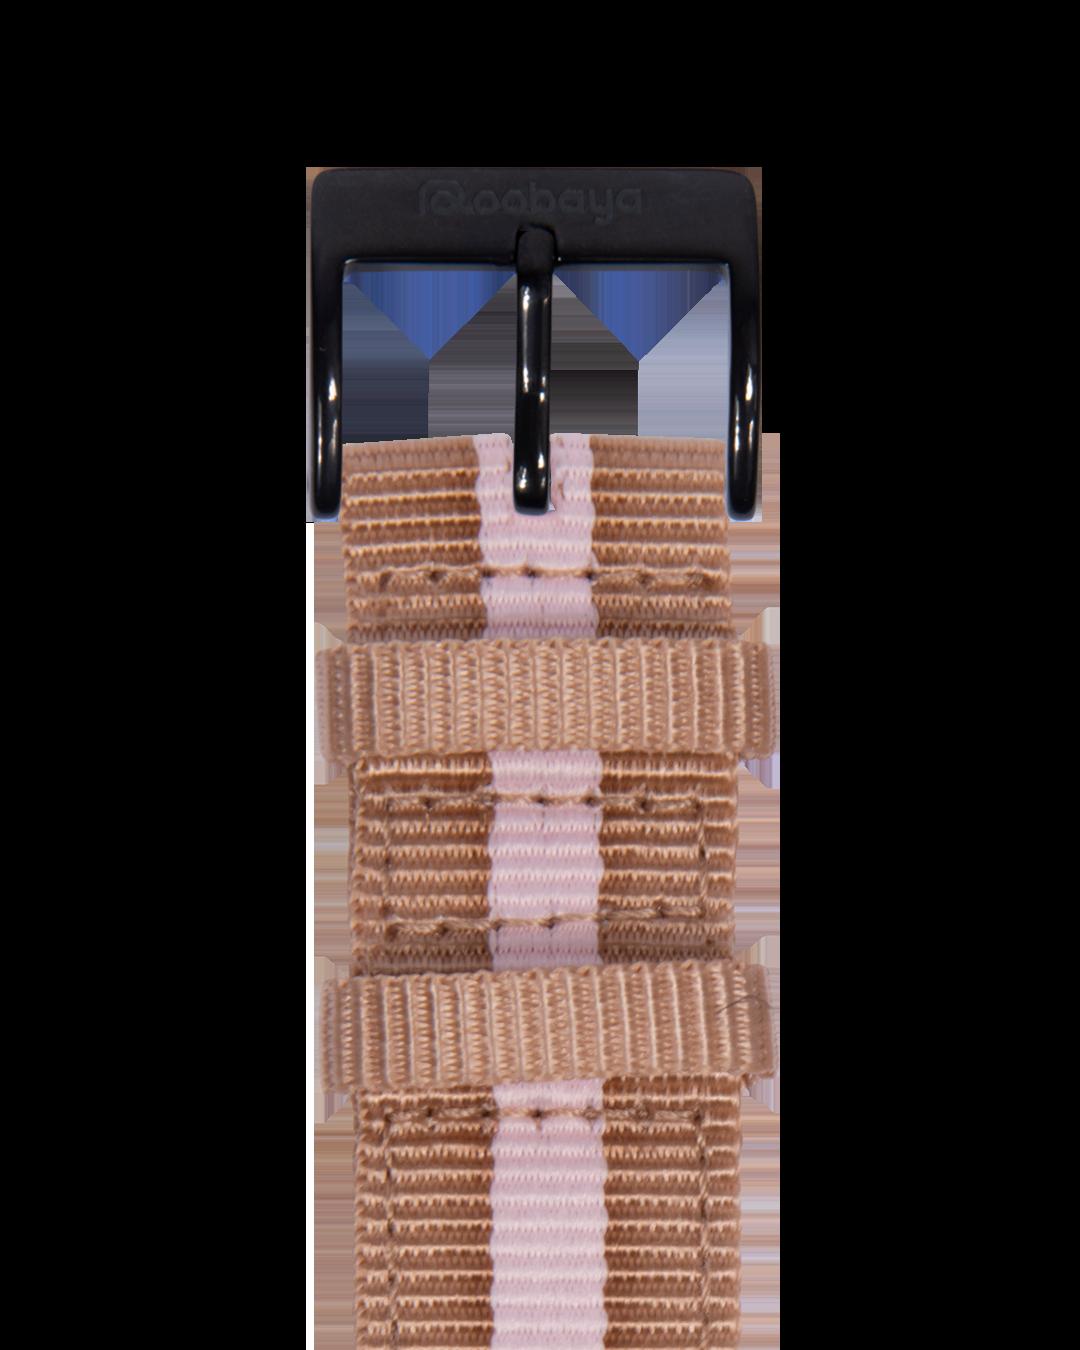 Nylon Armband in Sand / Hellrosa für die Apple Watch Series 1, 2, 3 & 4 in 38mm, 40mm, 42mm & 44mm Gehäusegröße von Roobaya - Made in Germany